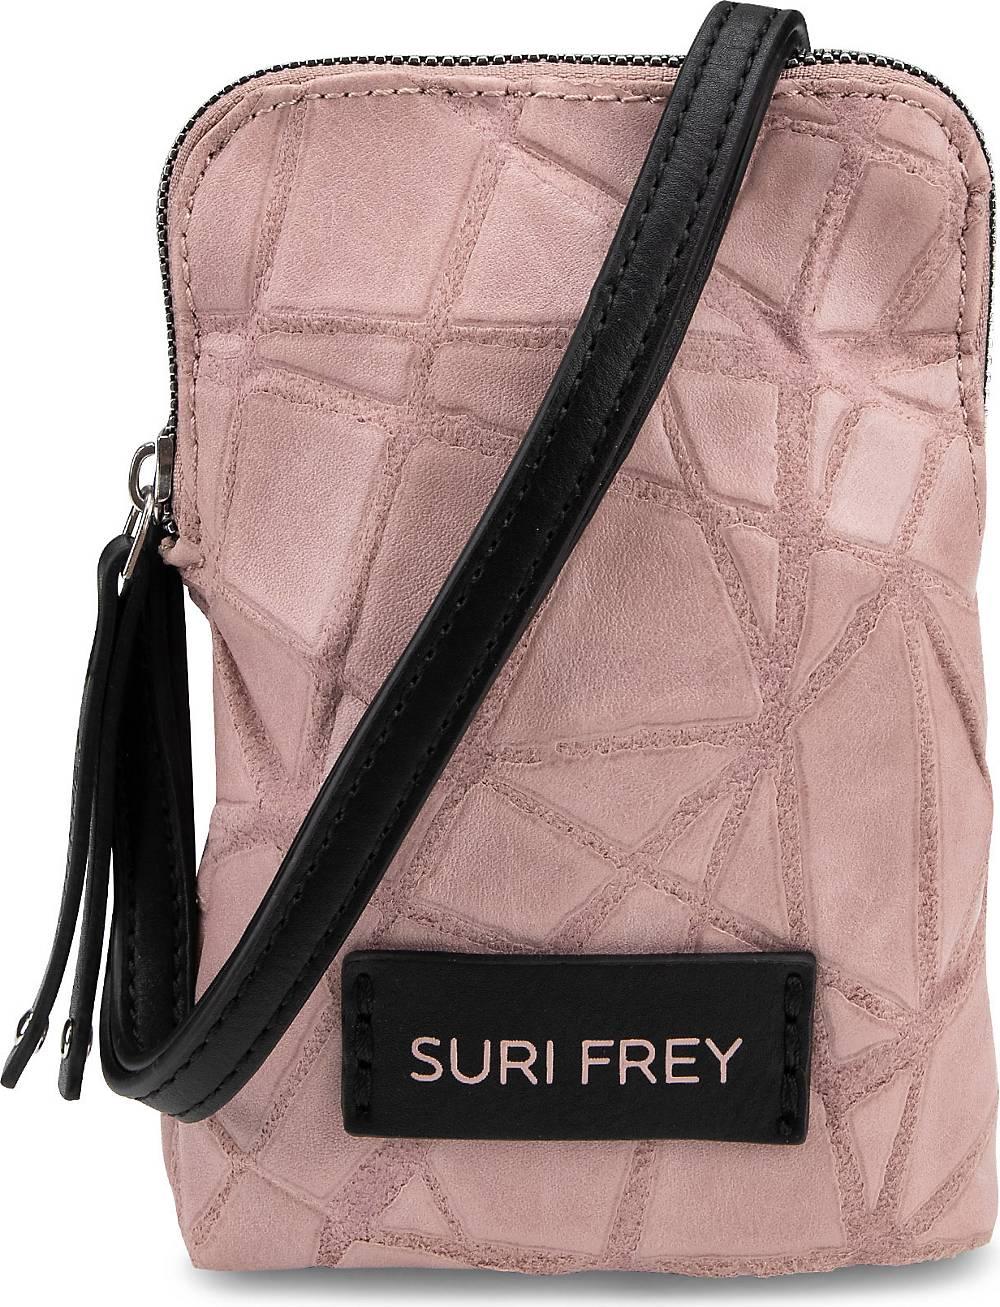 SURI FREY, Handytasche Kimmy in rosa, Handyhüllen & Zubehör für Damen